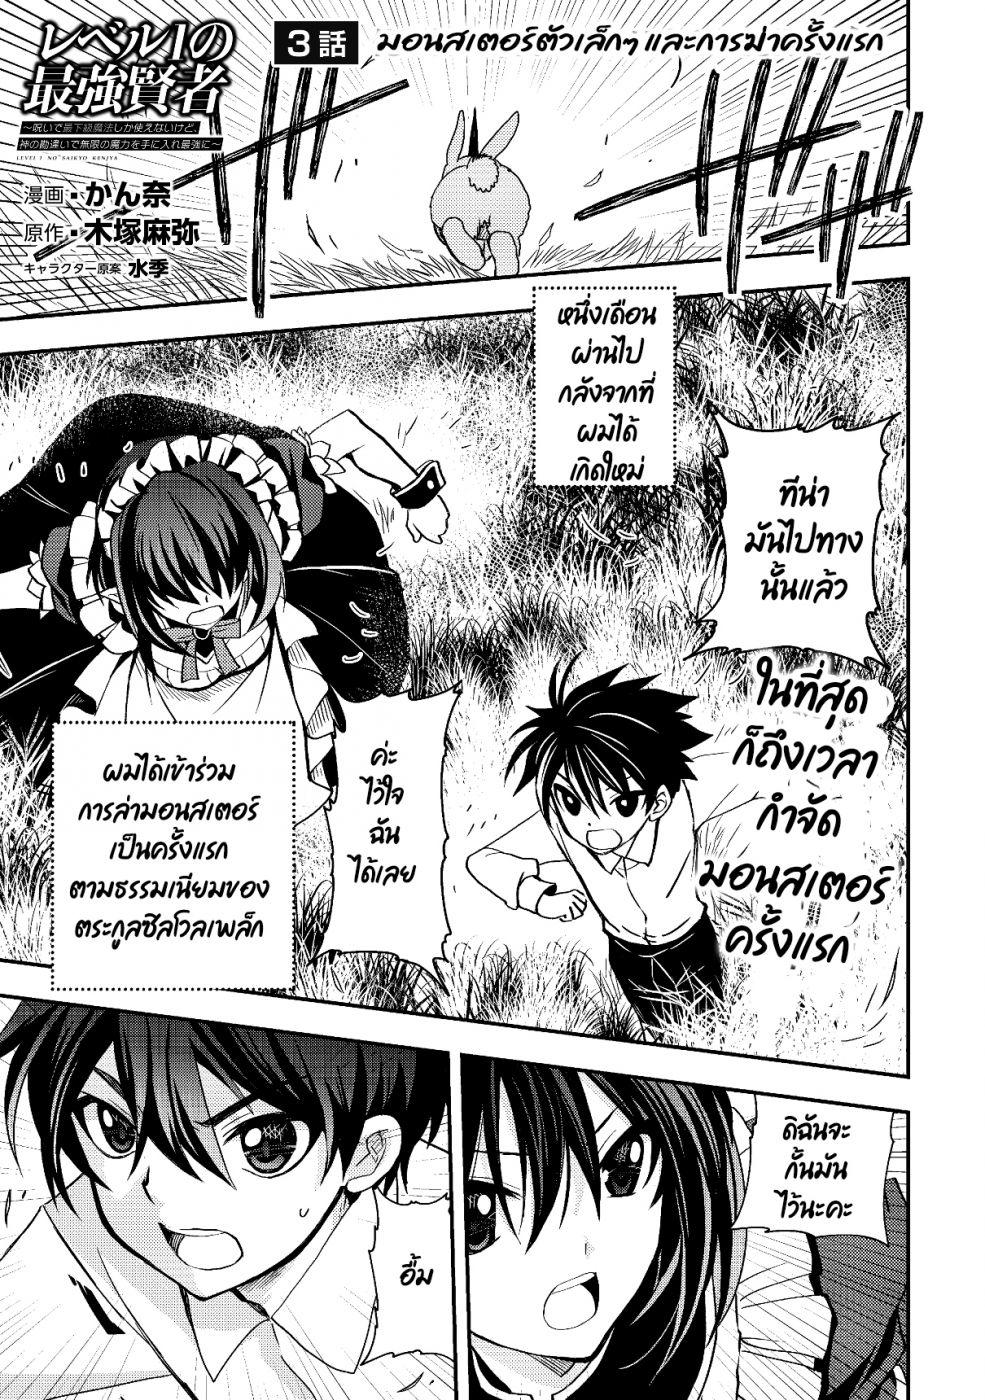 Level 1 no Saikyou kenja ~Noroi de sai kakyuu mahou shika tsukaenaikedo kami no kanchigai de mugen no maryoku o te ni ire saikyou ni~-ตอนที่ 3